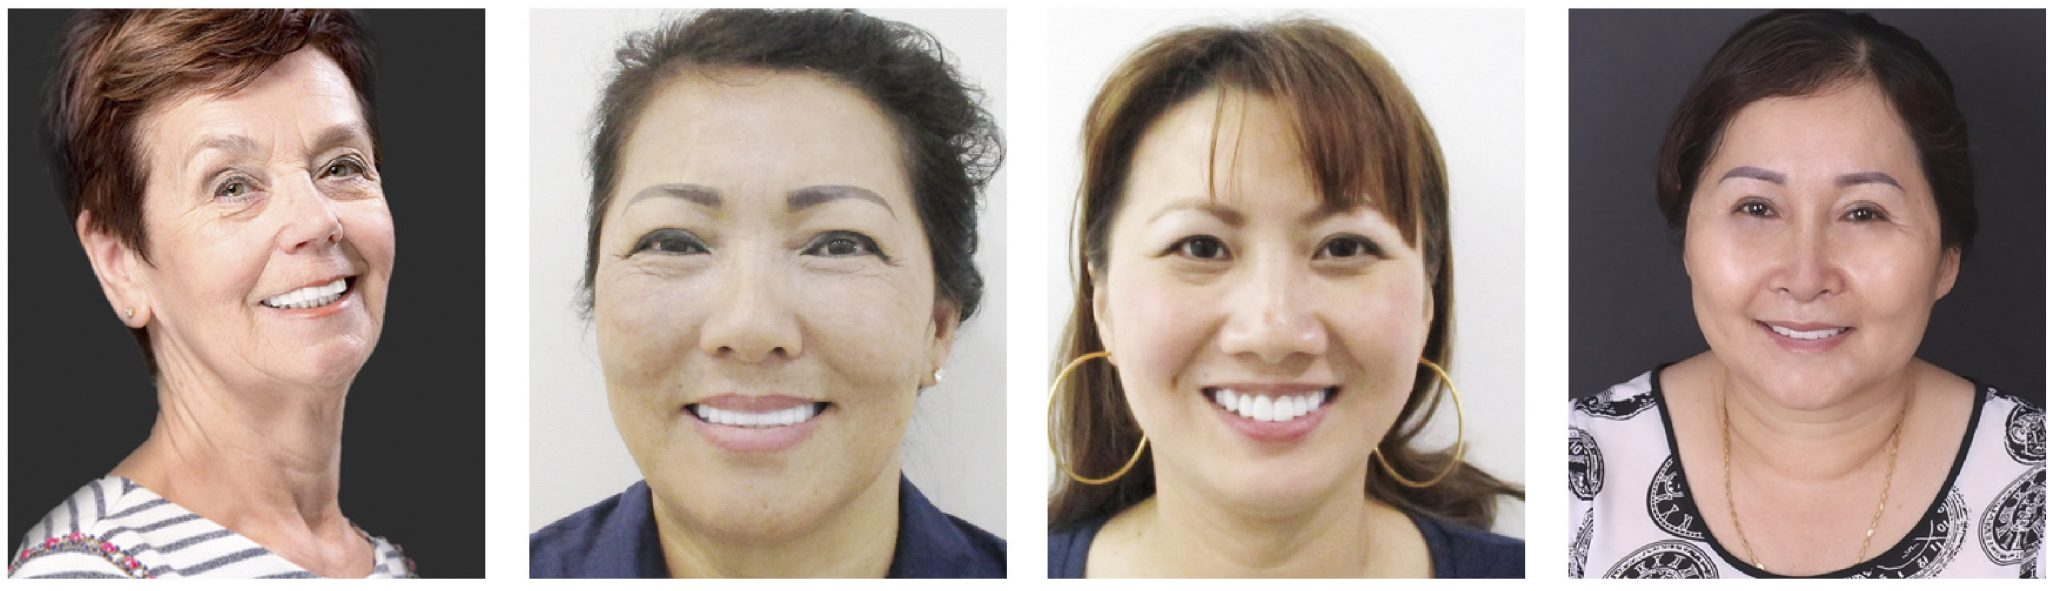 Khách hàng trồng răng implant